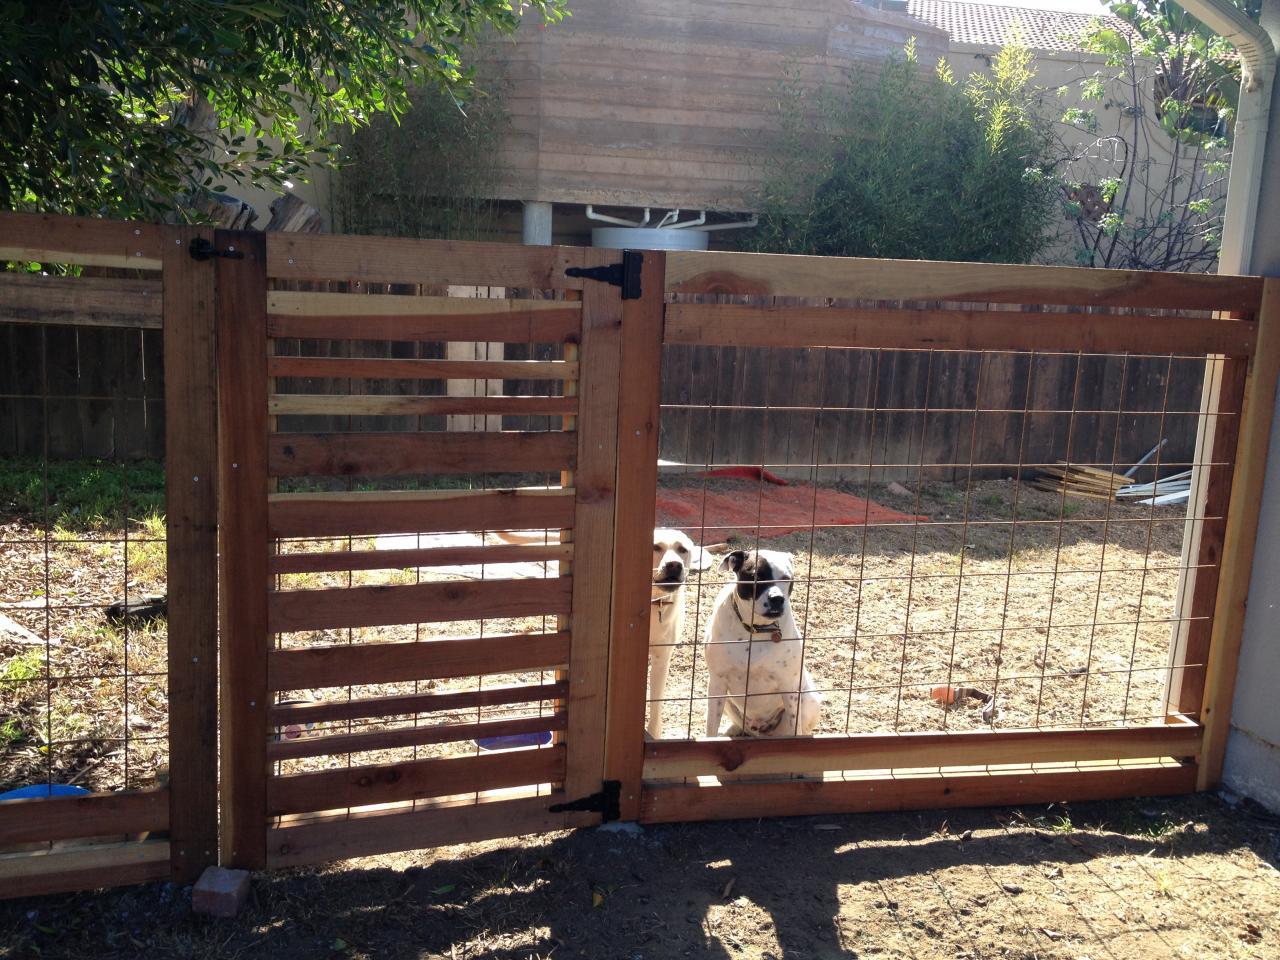 fence1331101948_large.13182630_large.JPG